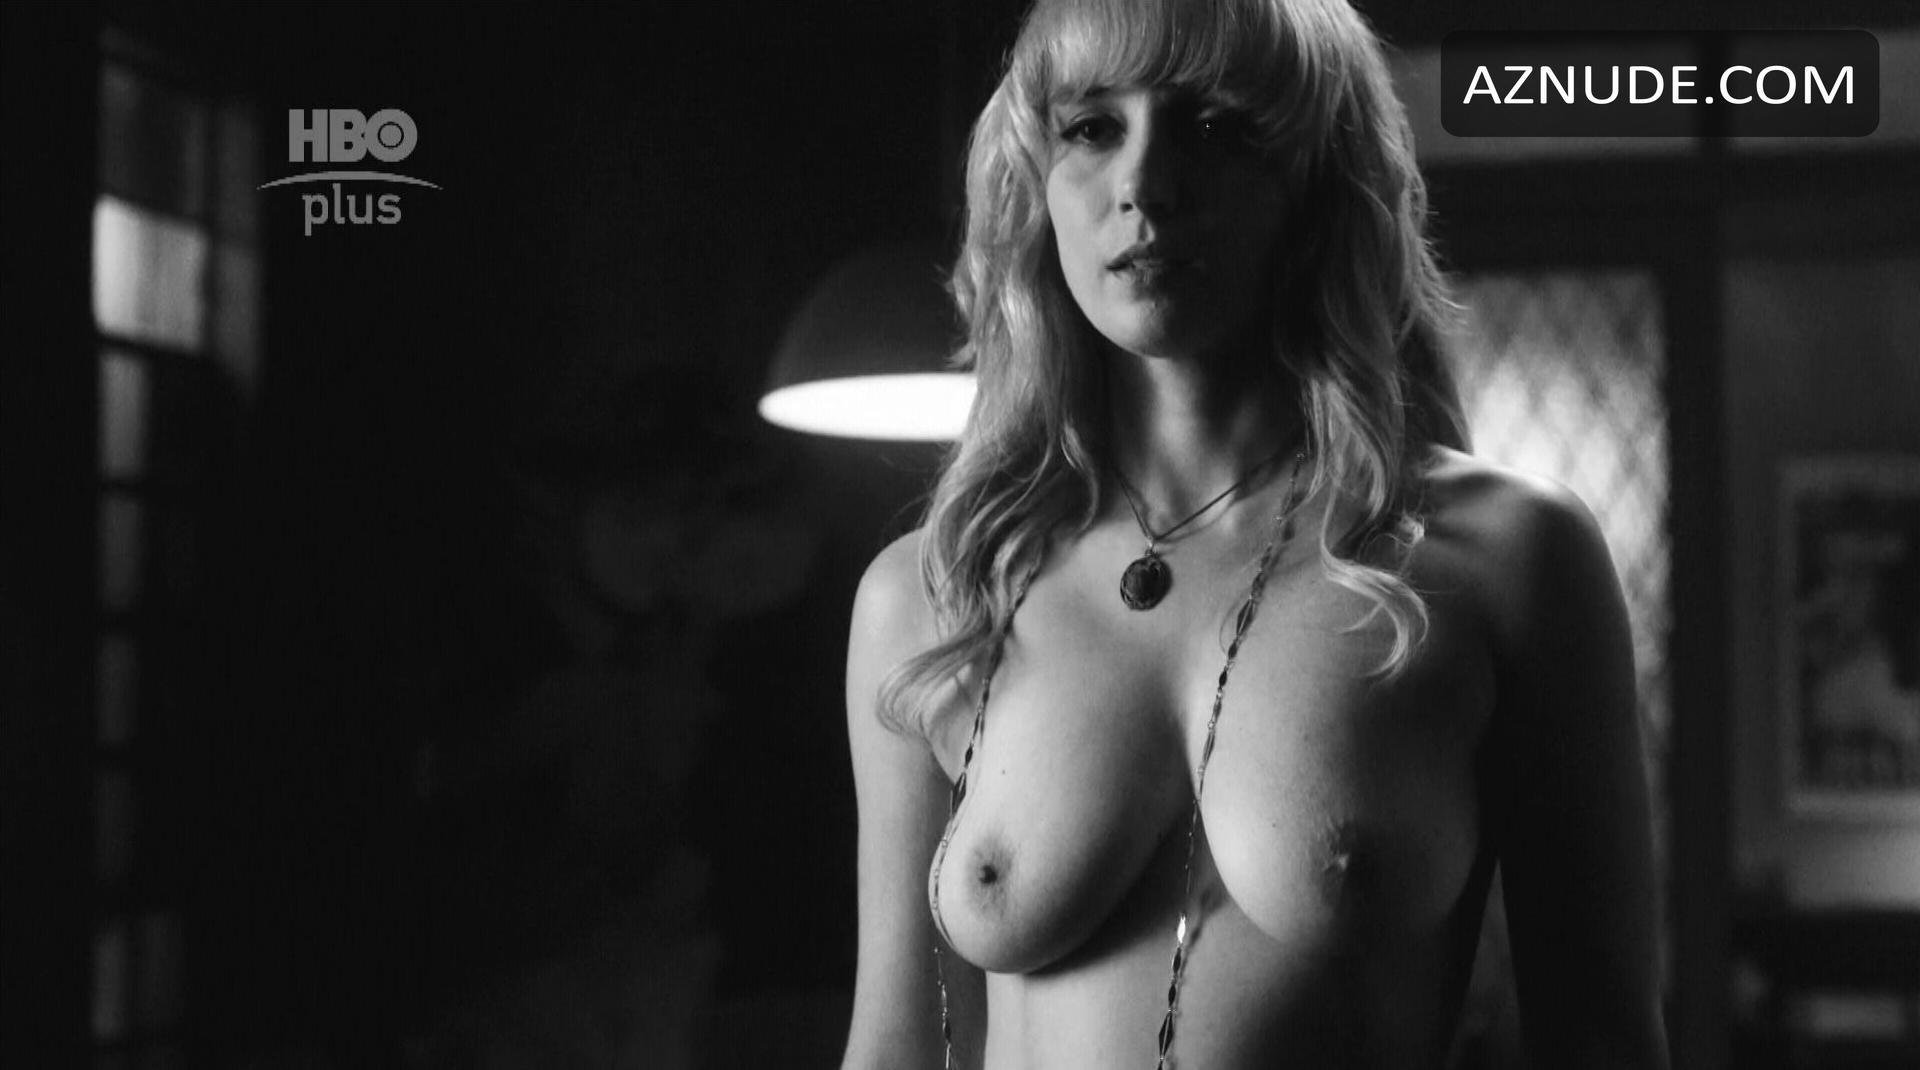 Aguila Roja Fake Porno showing xxx images for marla sokoloff fake xxx | www